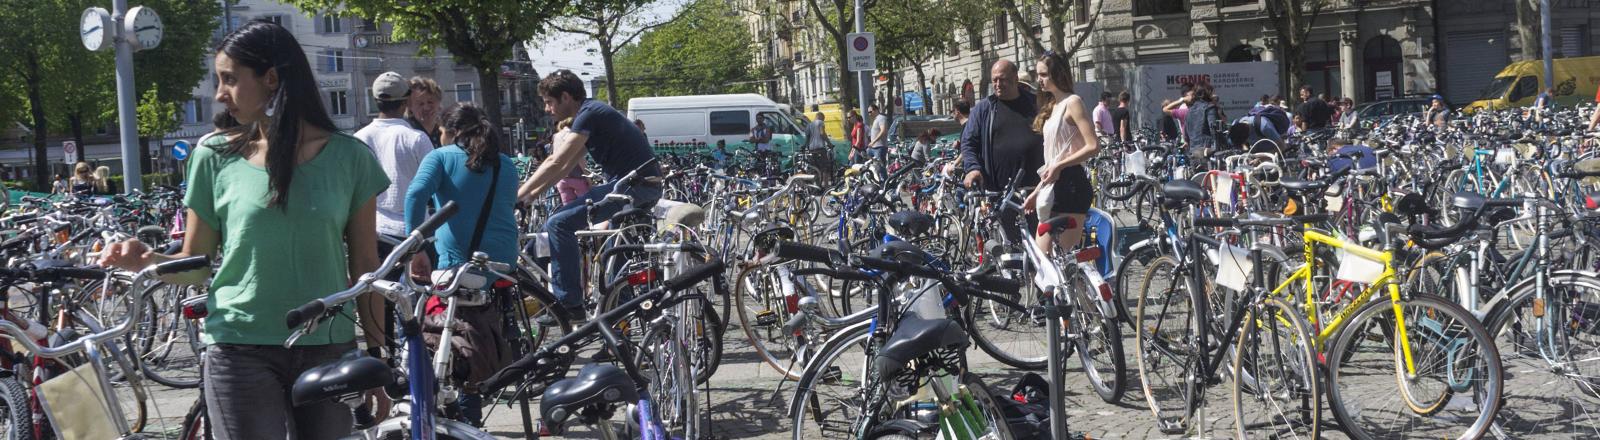 Ein Gebraucht-Fahrradmarkt.